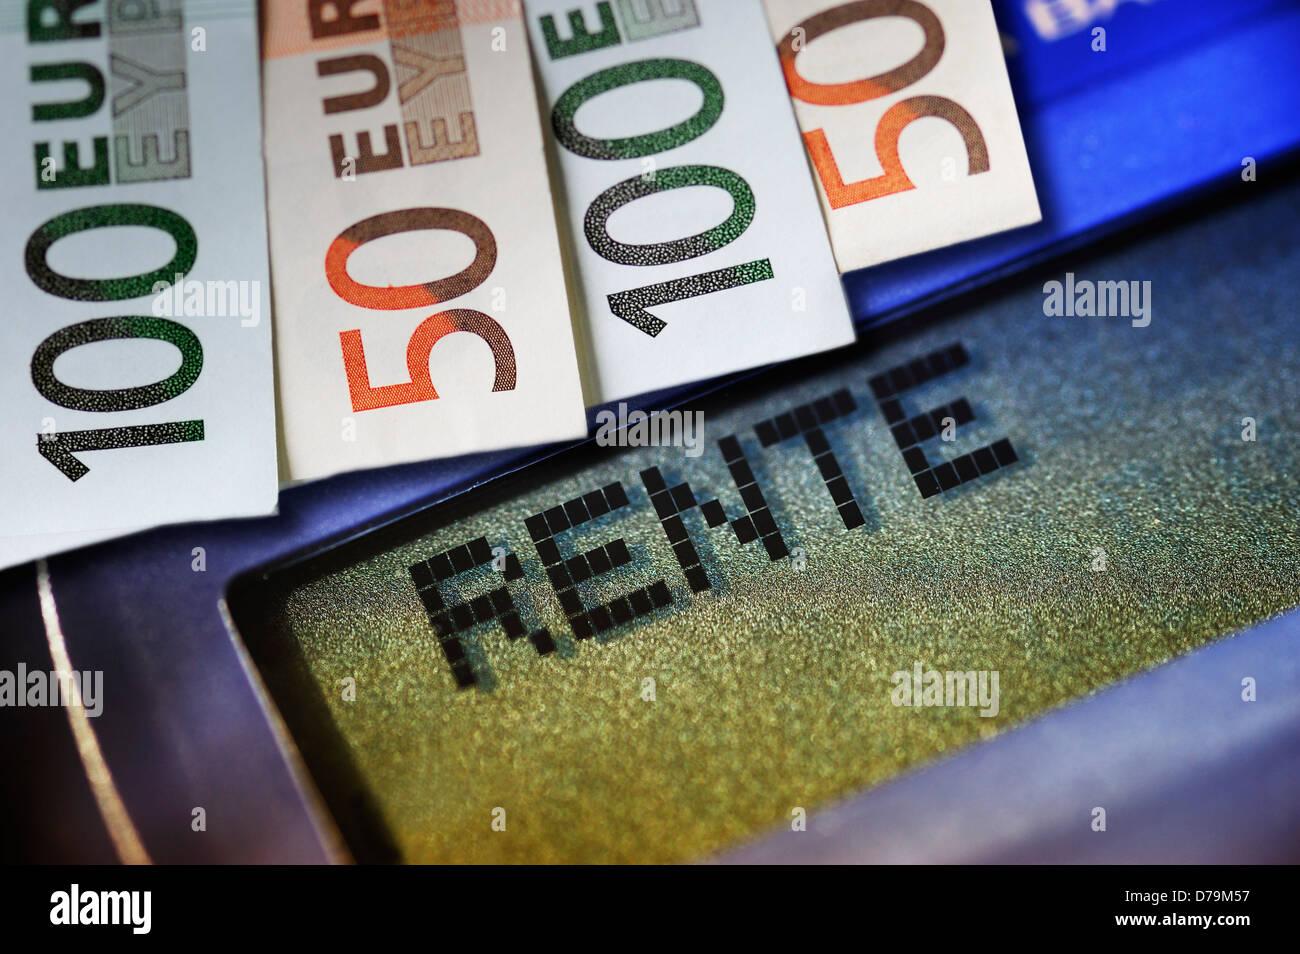 Pension stroke on a pocket calculator and bank notes , Rente-Schriftzug auf einem Taschenrechner und Geldscheine Stock Photo